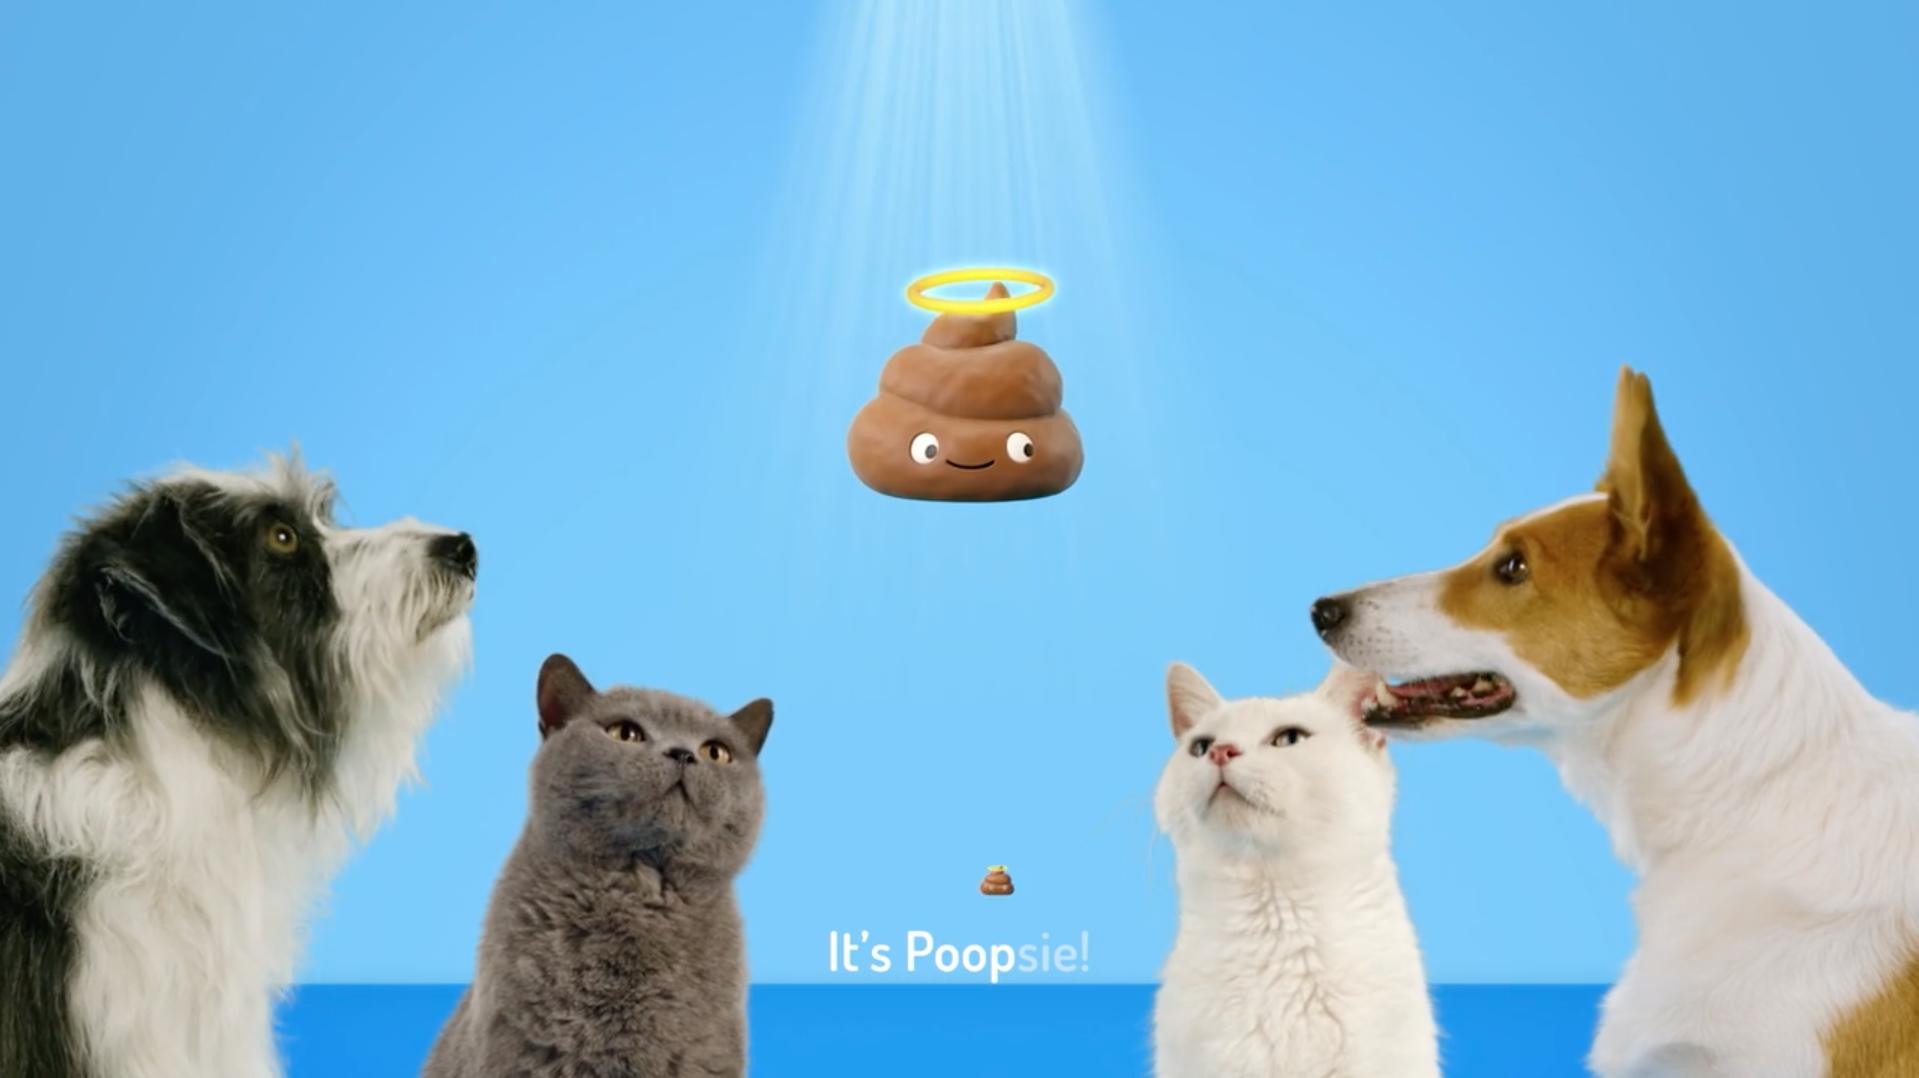 Halo Poopsie